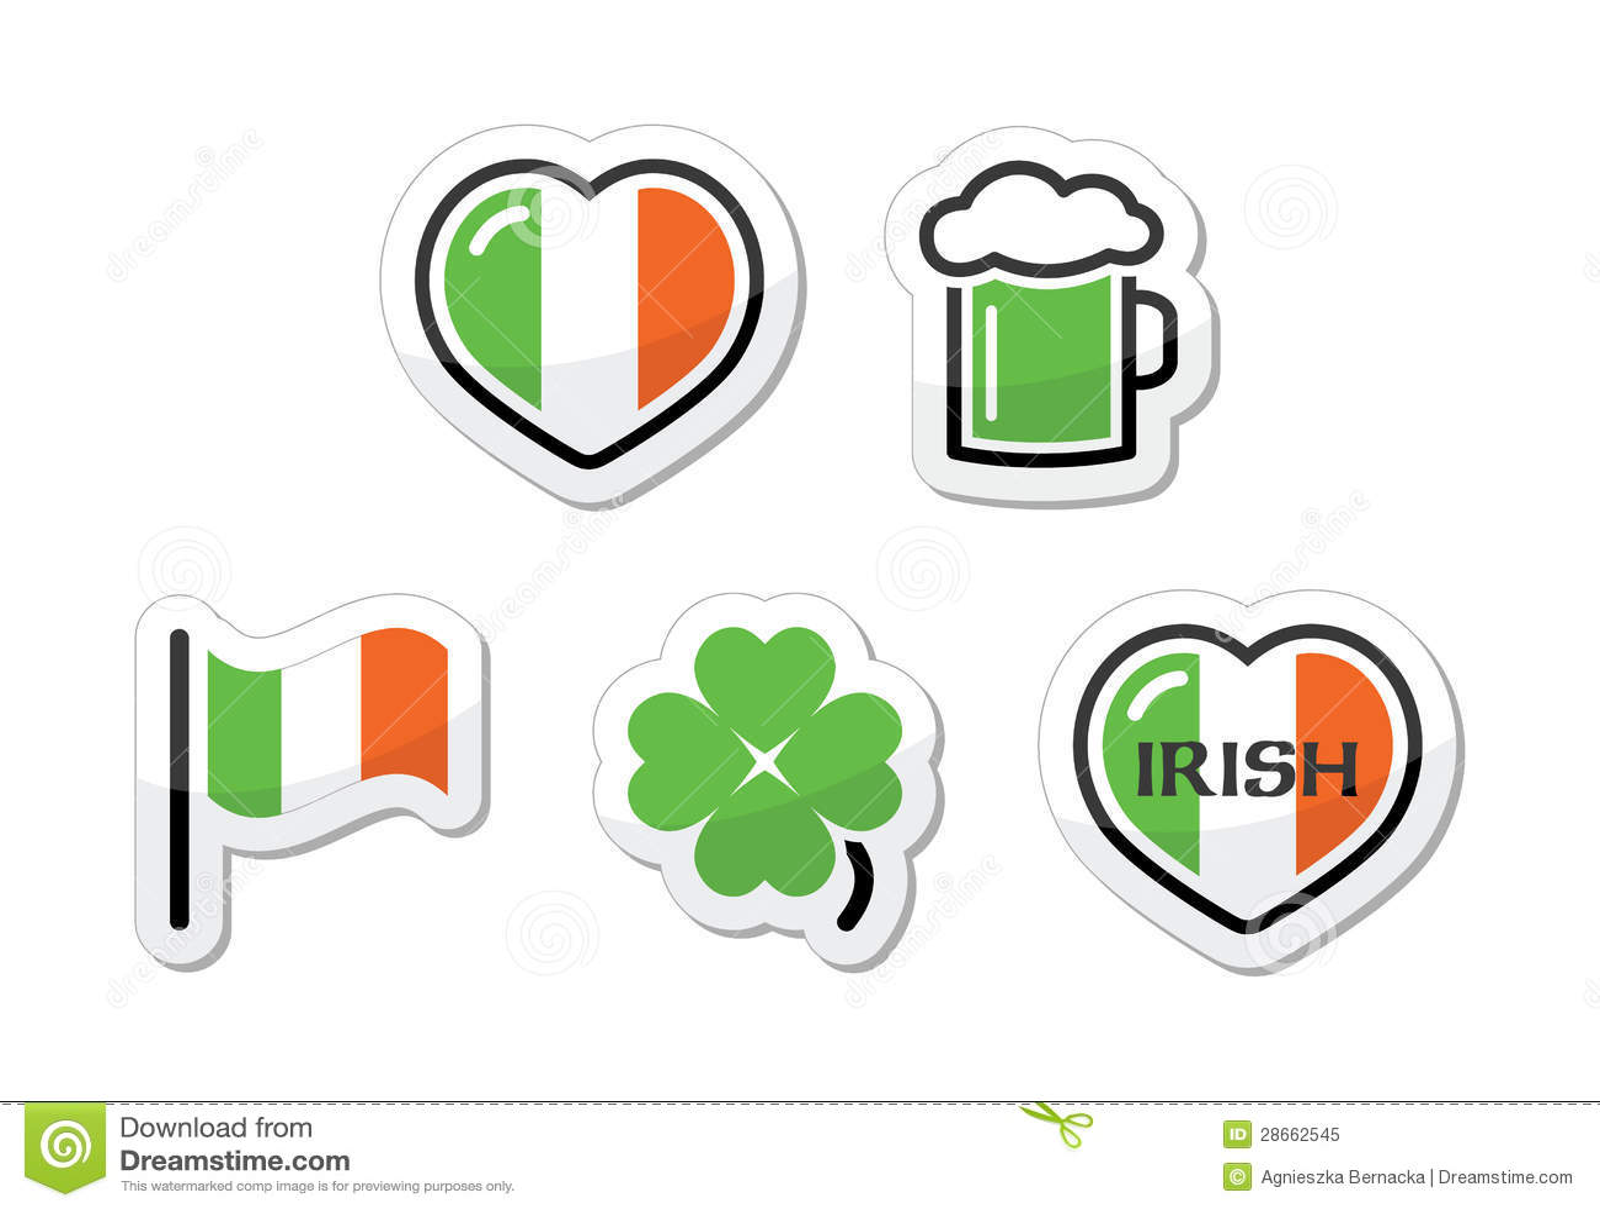 st patricks日图标-爱尔兰标志,三叶草,绿色啤酒图片